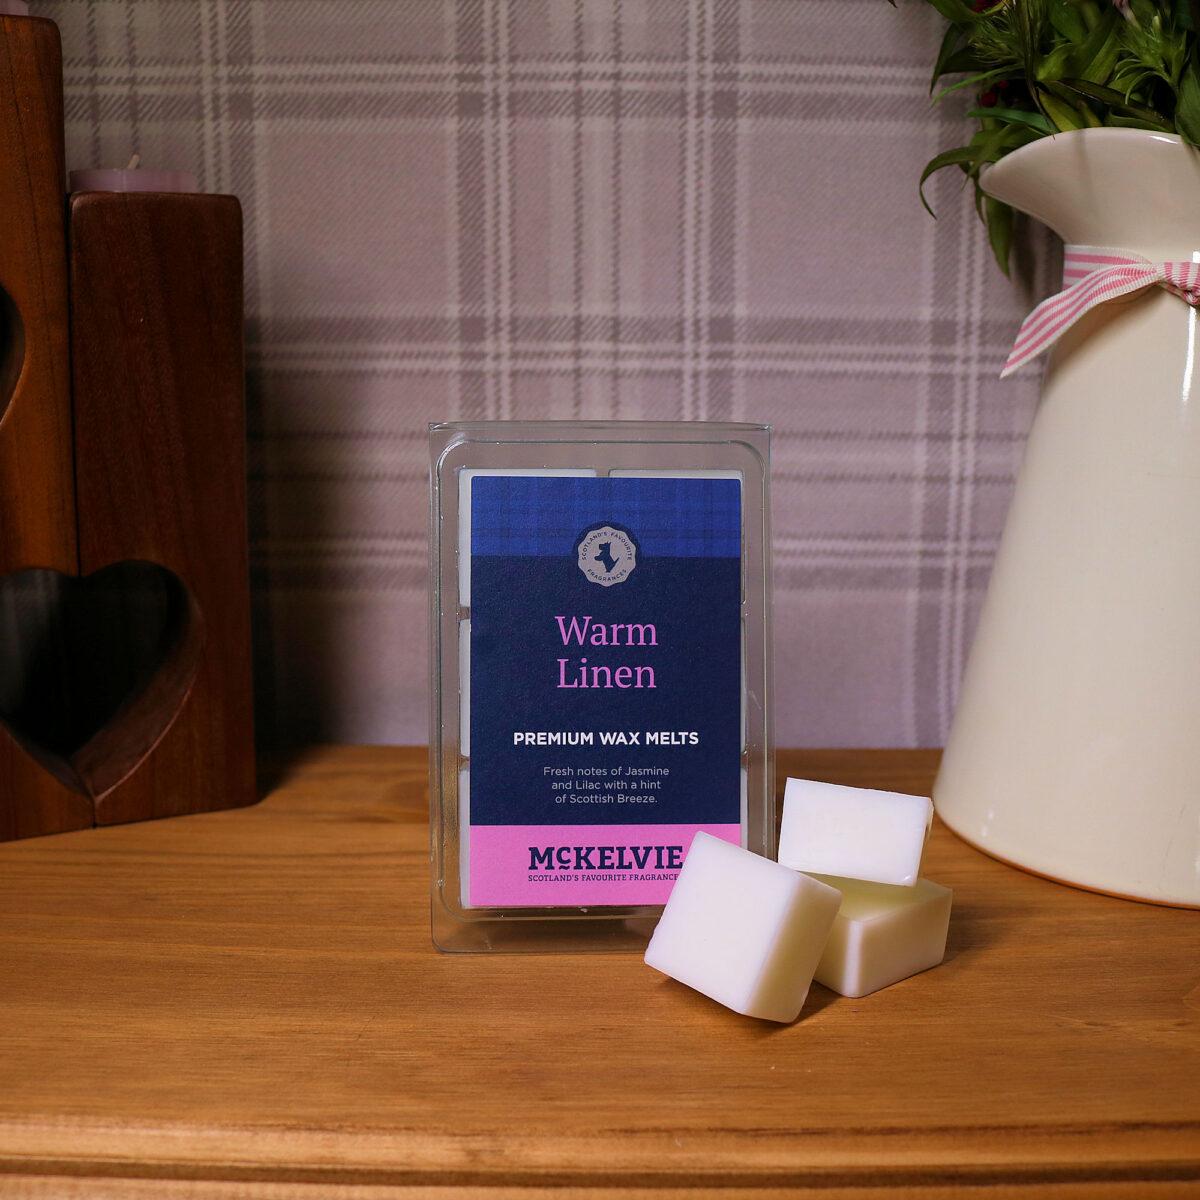 Warm Linen Wax Melts